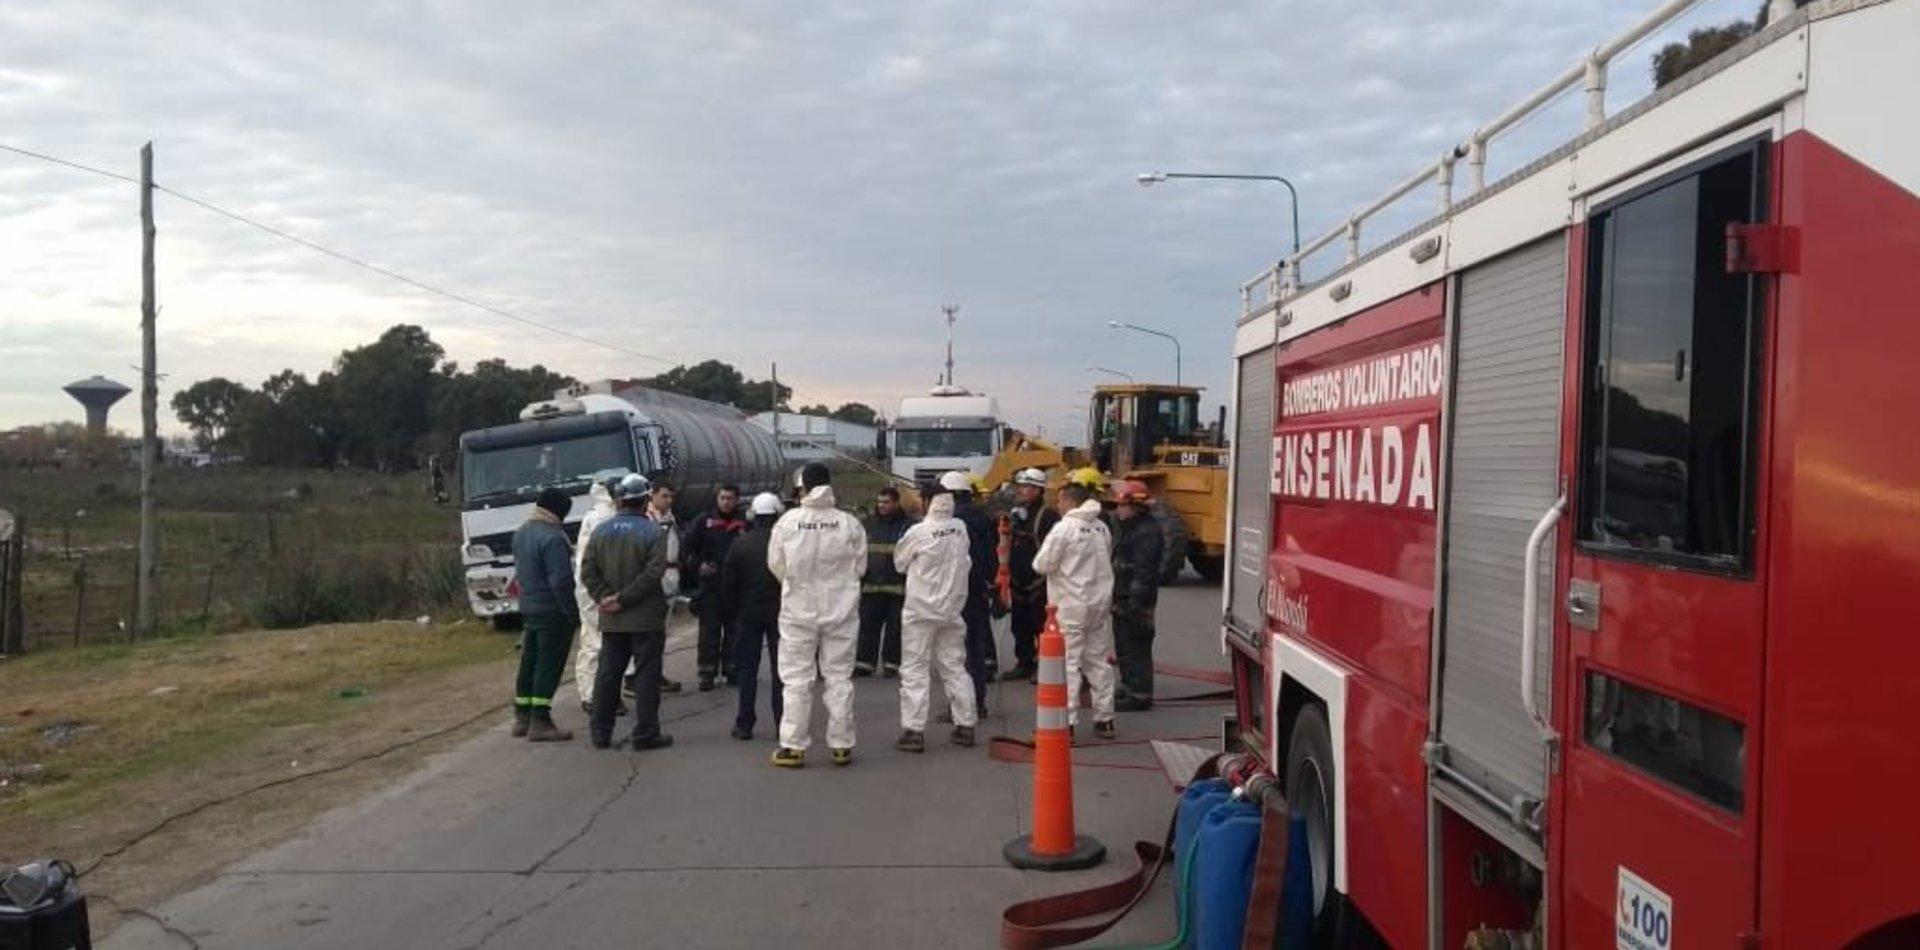 Tensión en Ensenada por el despiste de un camión que transportaba un gas tóxico